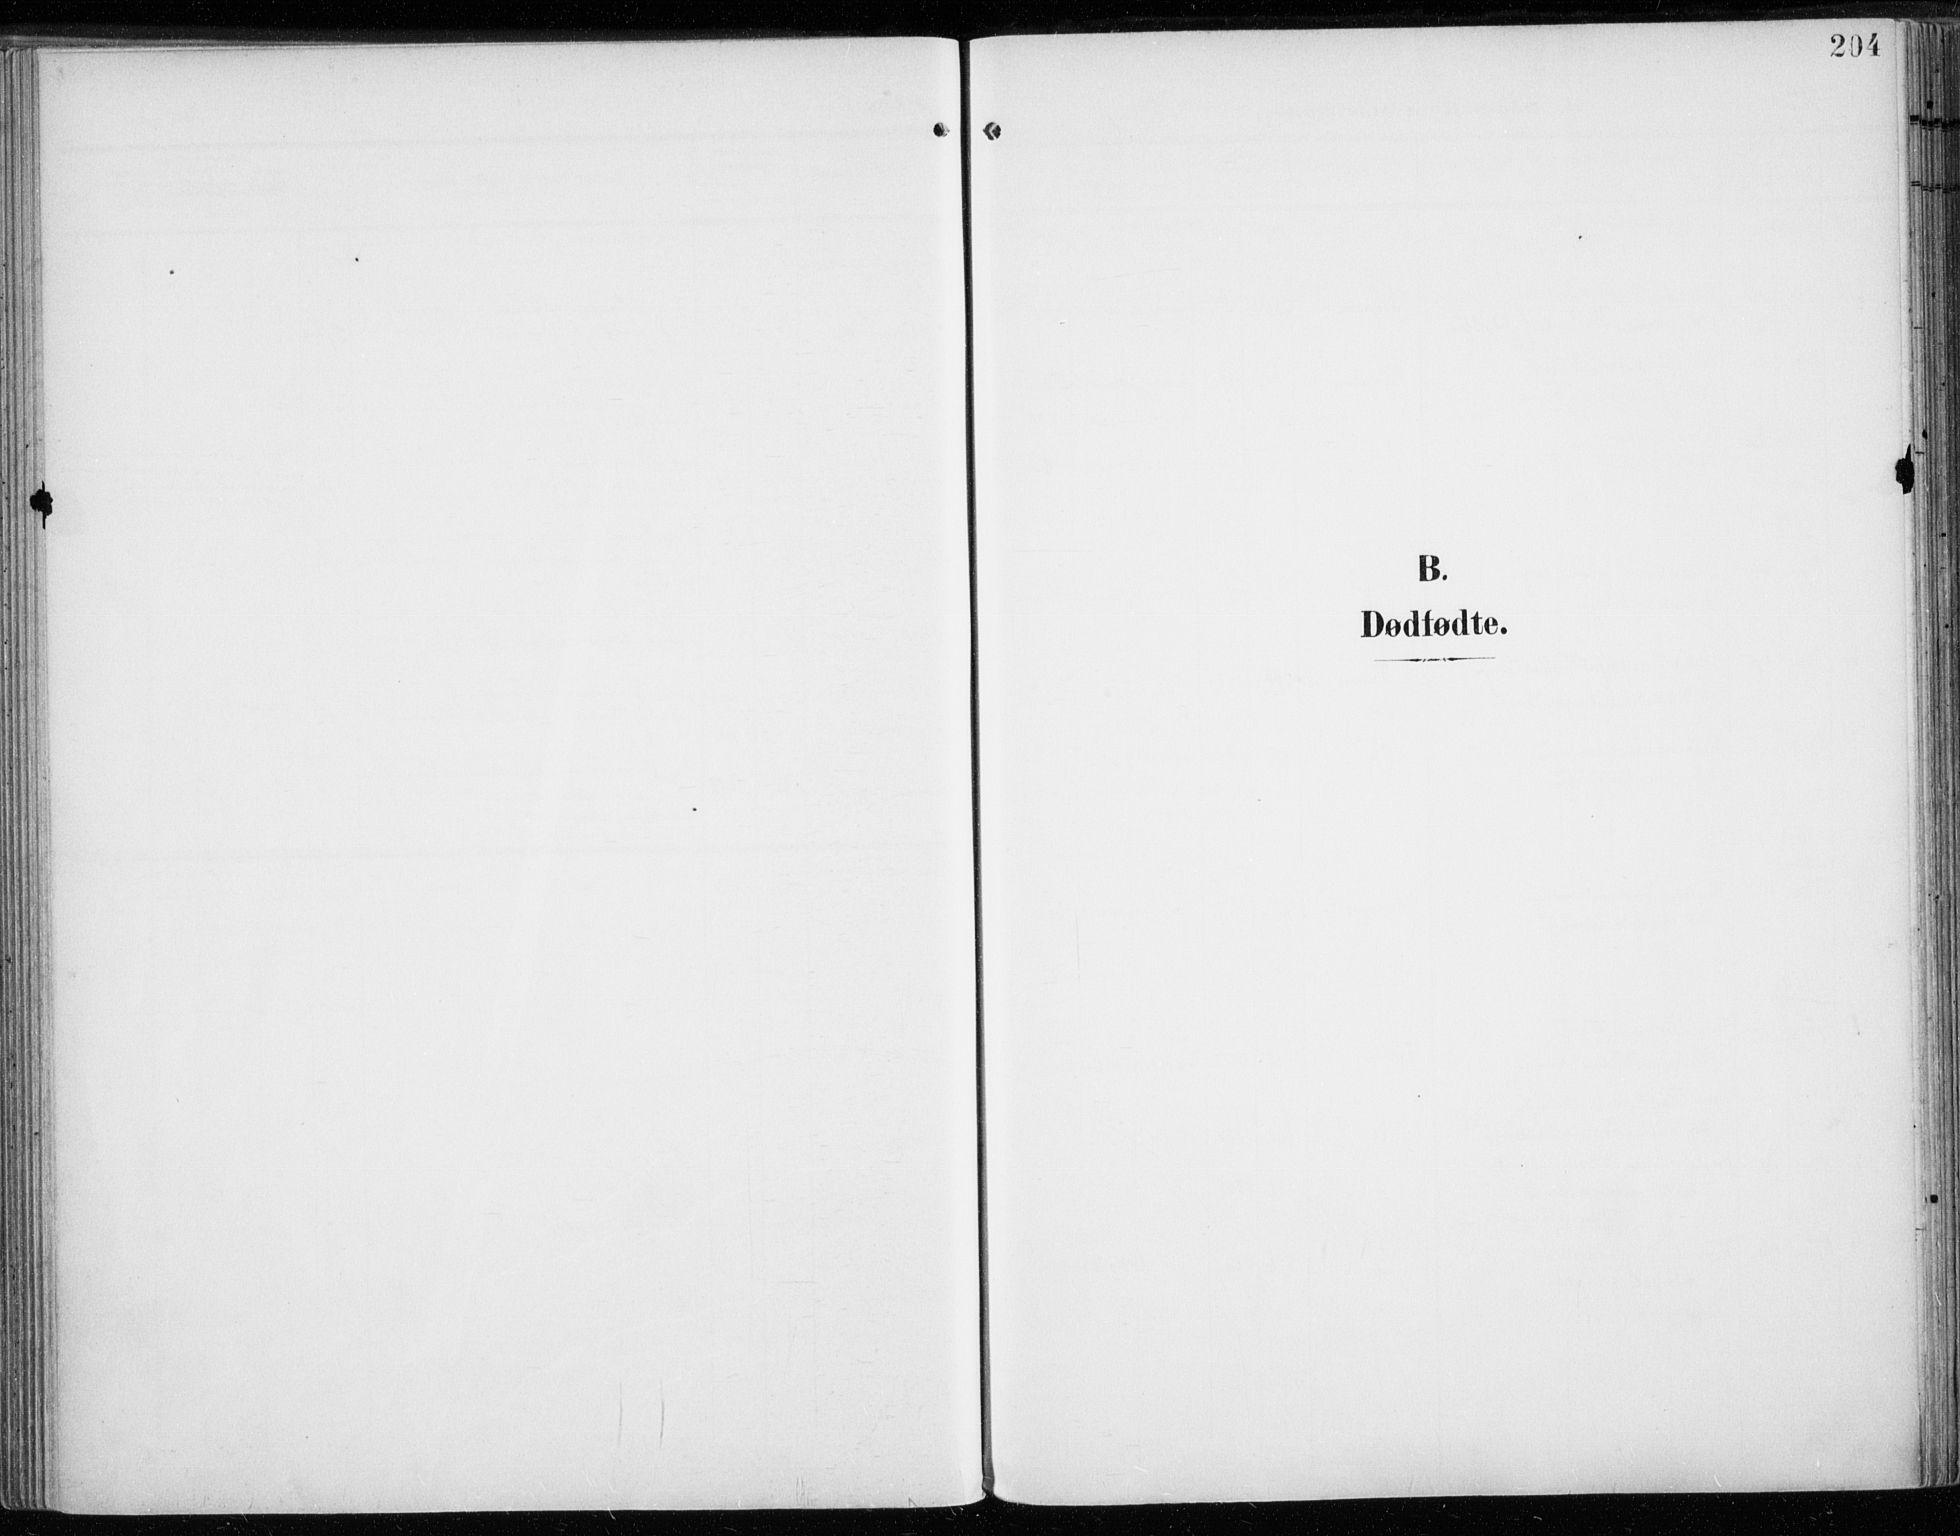 SATØ, Tromsø sokneprestkontor/stiftsprosti/domprosti, G/Ga/L0017kirke: Ministerialbok nr. 17, 1907-1917, s. 204